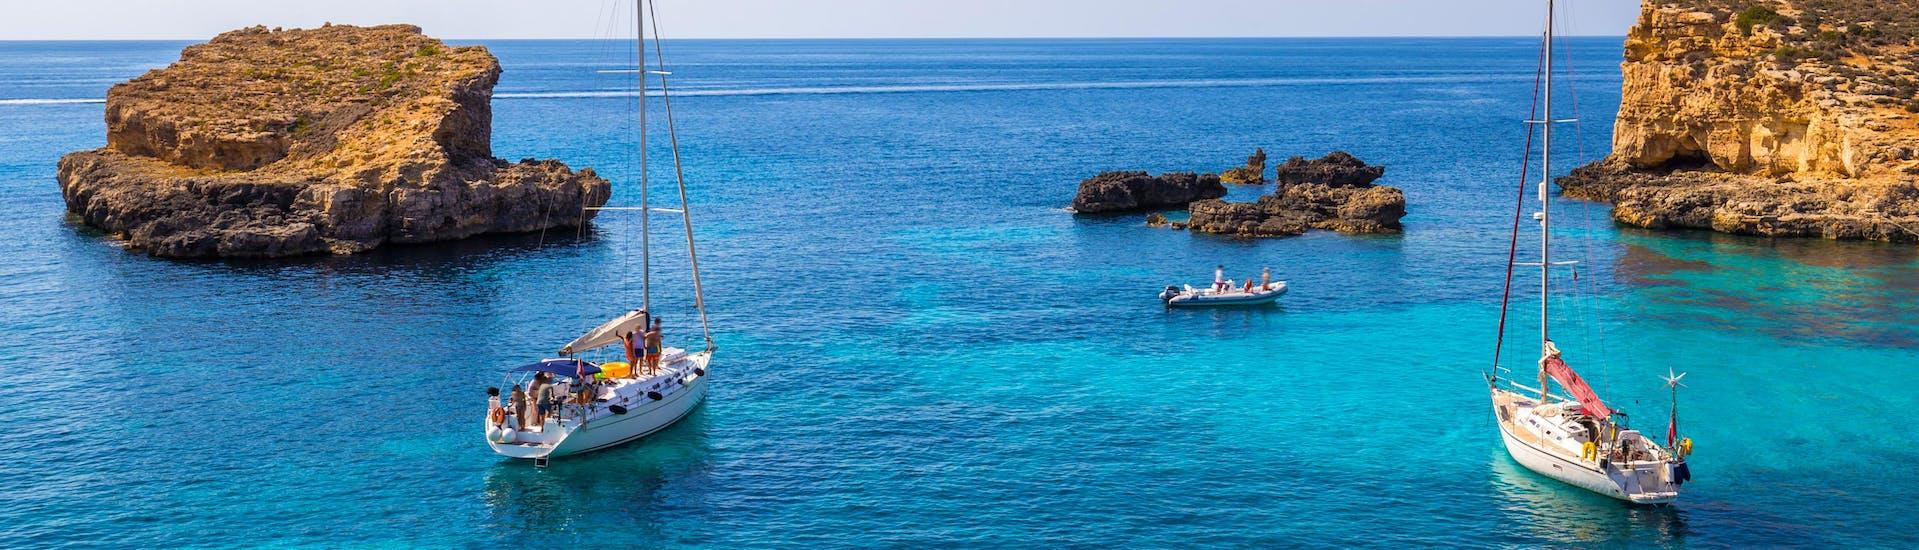 Un groupe d'amis fait une balade en bateau dans la superbe destination Blue Lagoon.